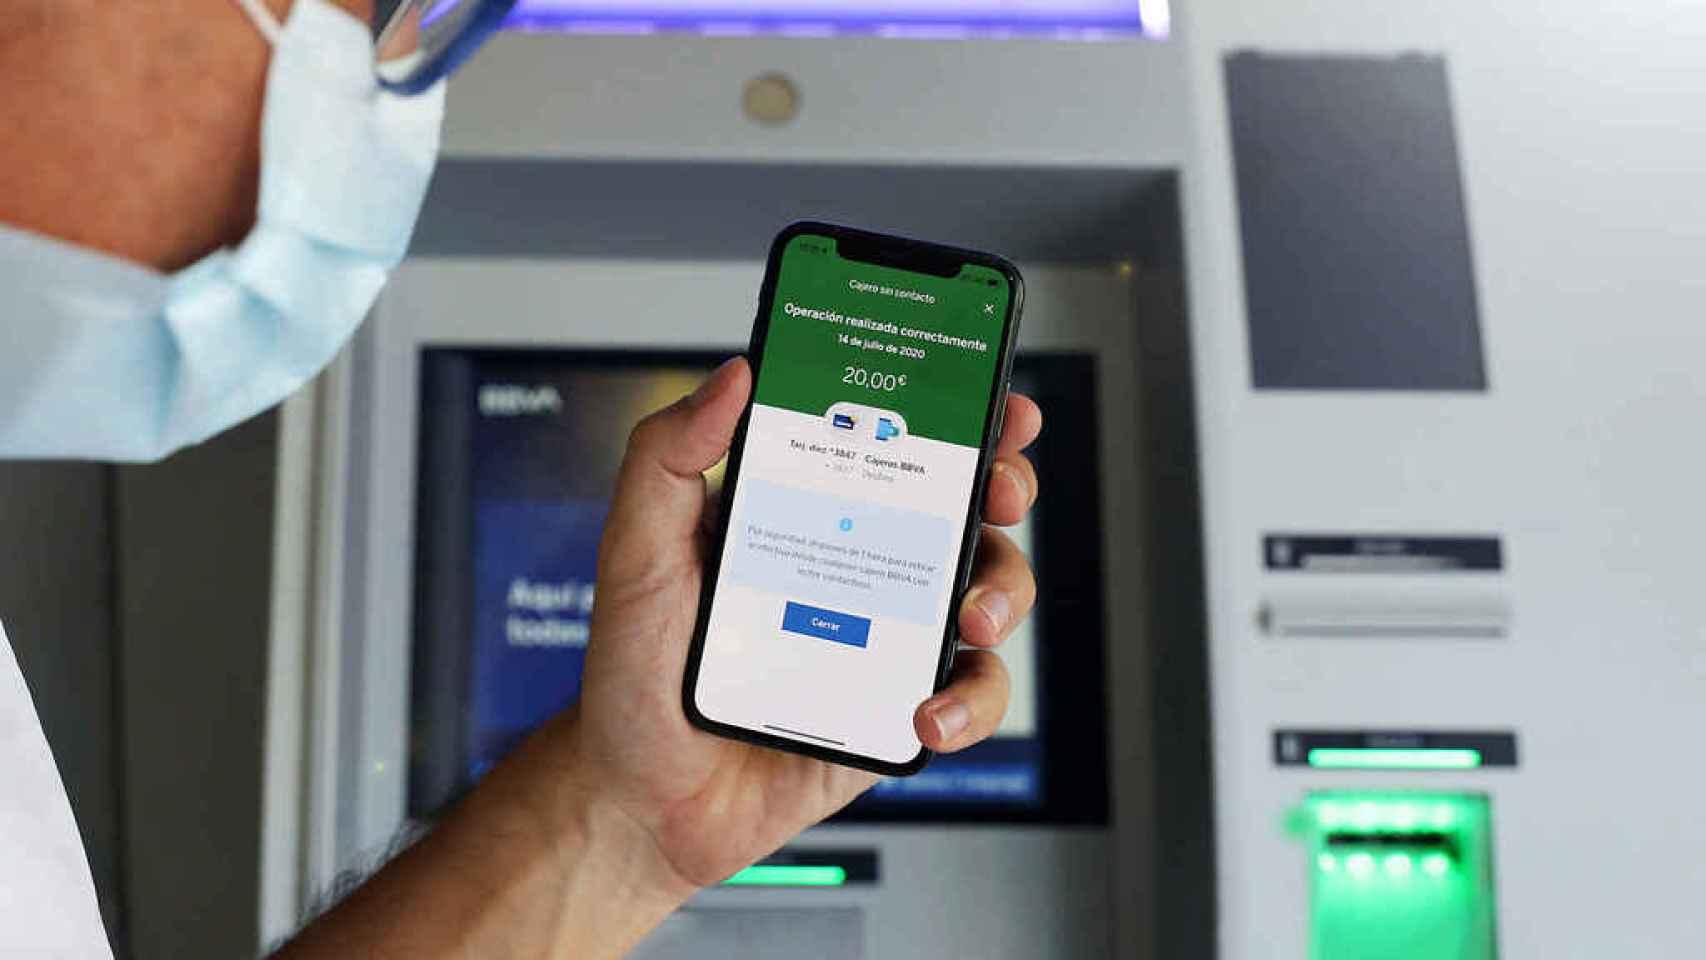 Un usuario ante un cajero automático usa una app móvil financiera.